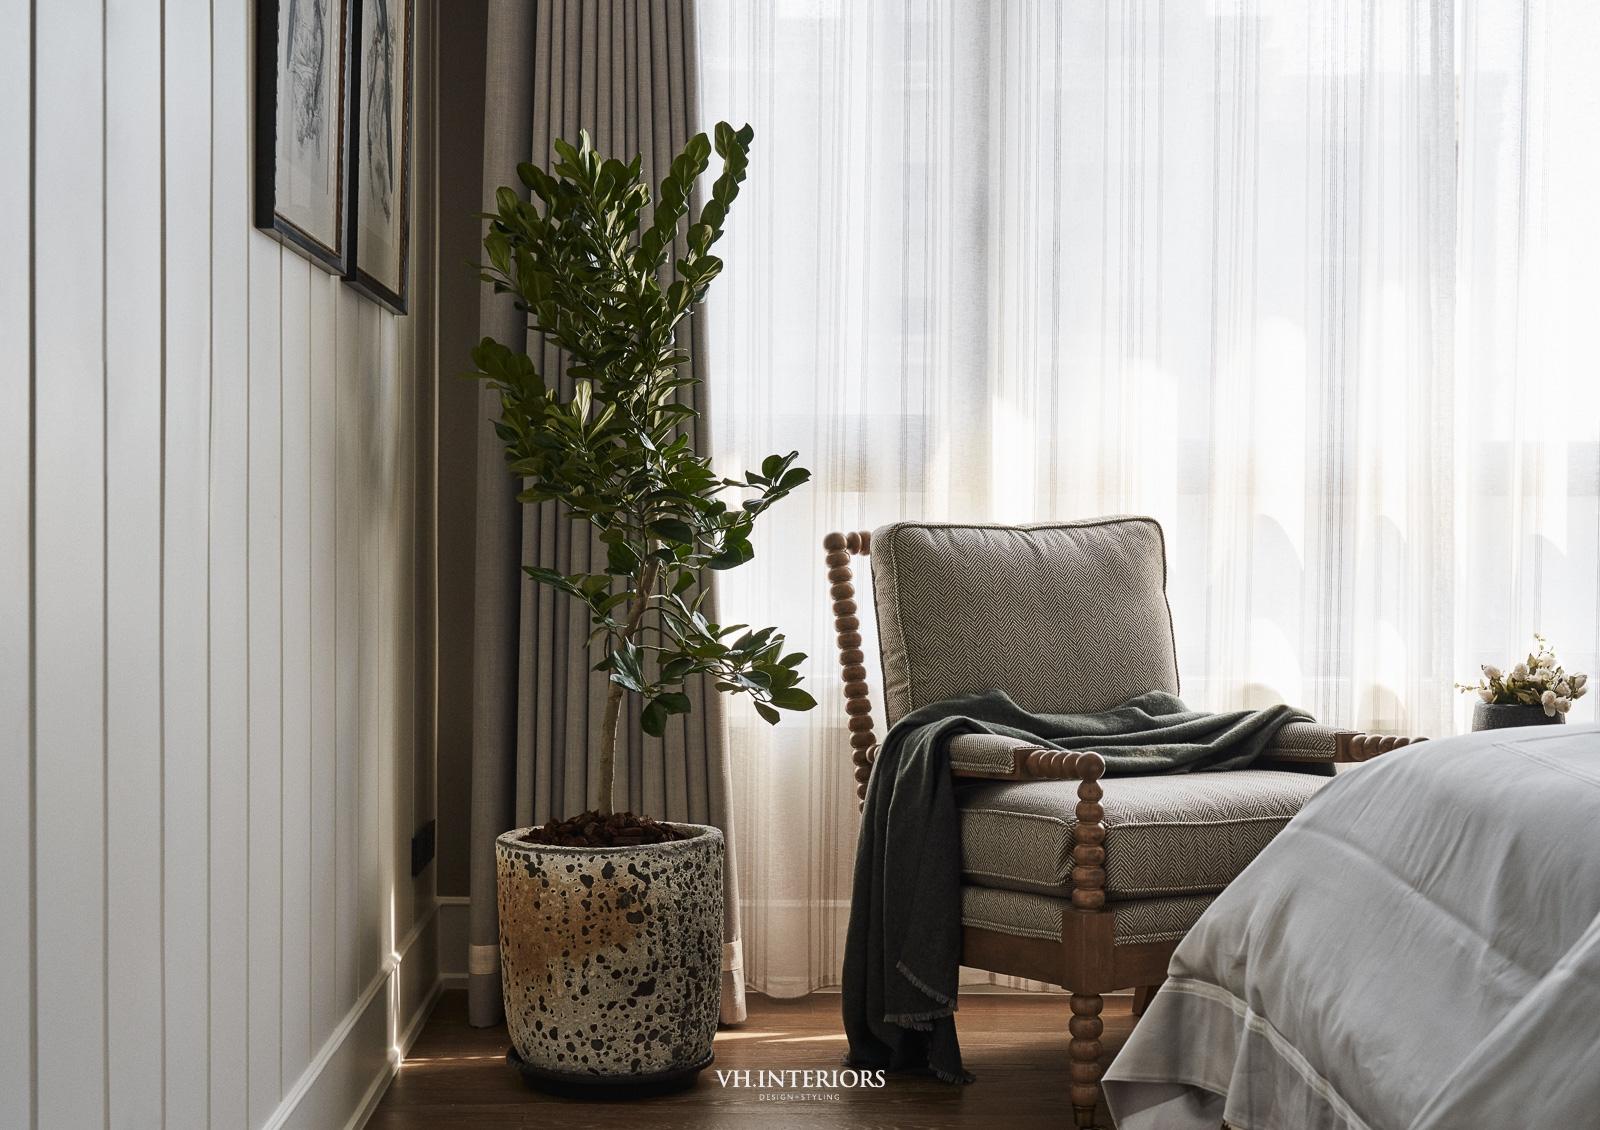 VH_ApartmentWithDog-490.jpg